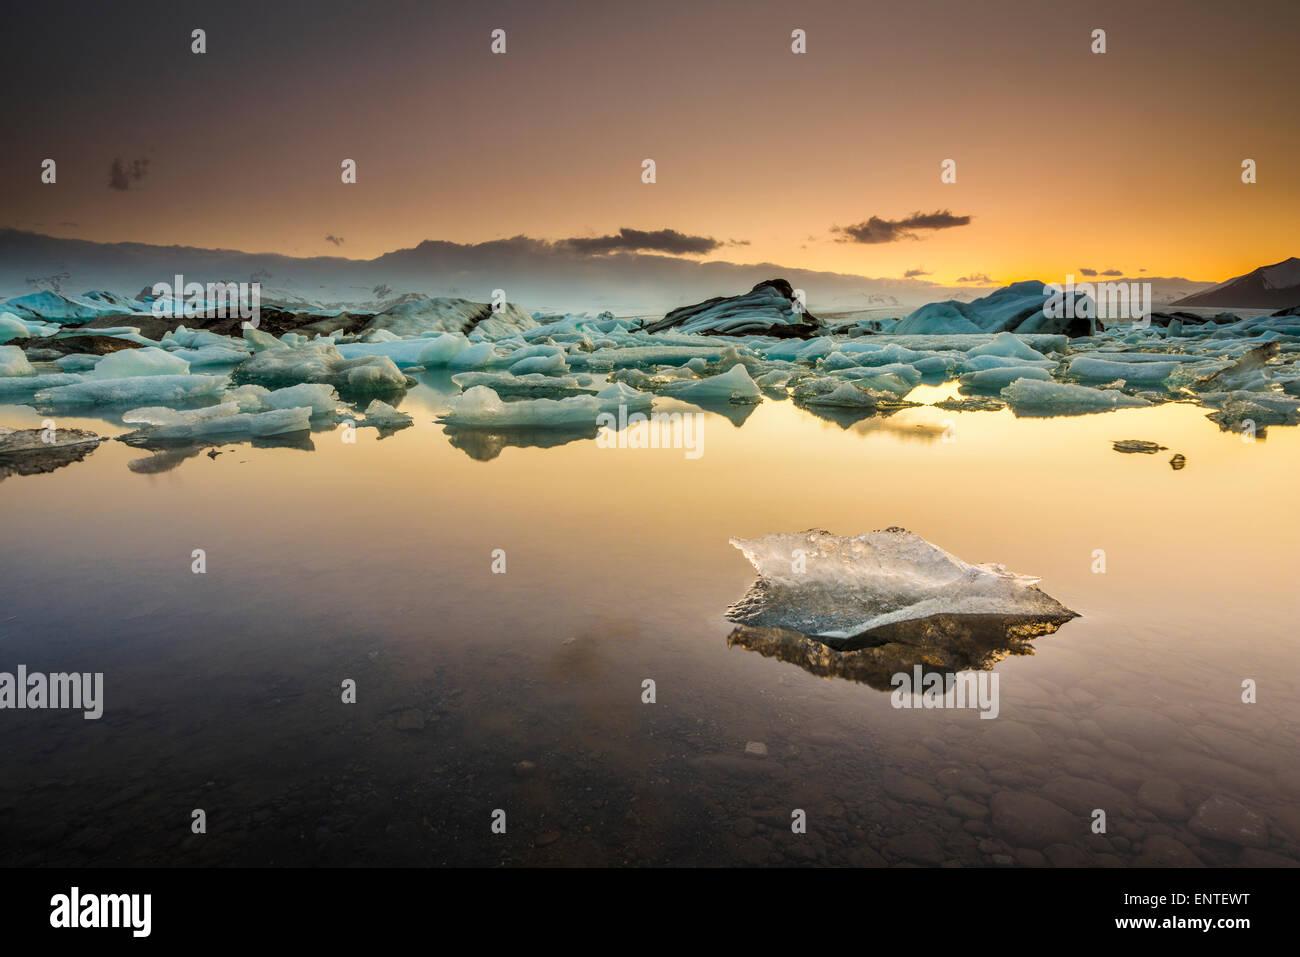 Paysage d'Islande - Coucher du soleil à Lagon Jökulsárlón, Parc national du Vatnajökull Photo Stock